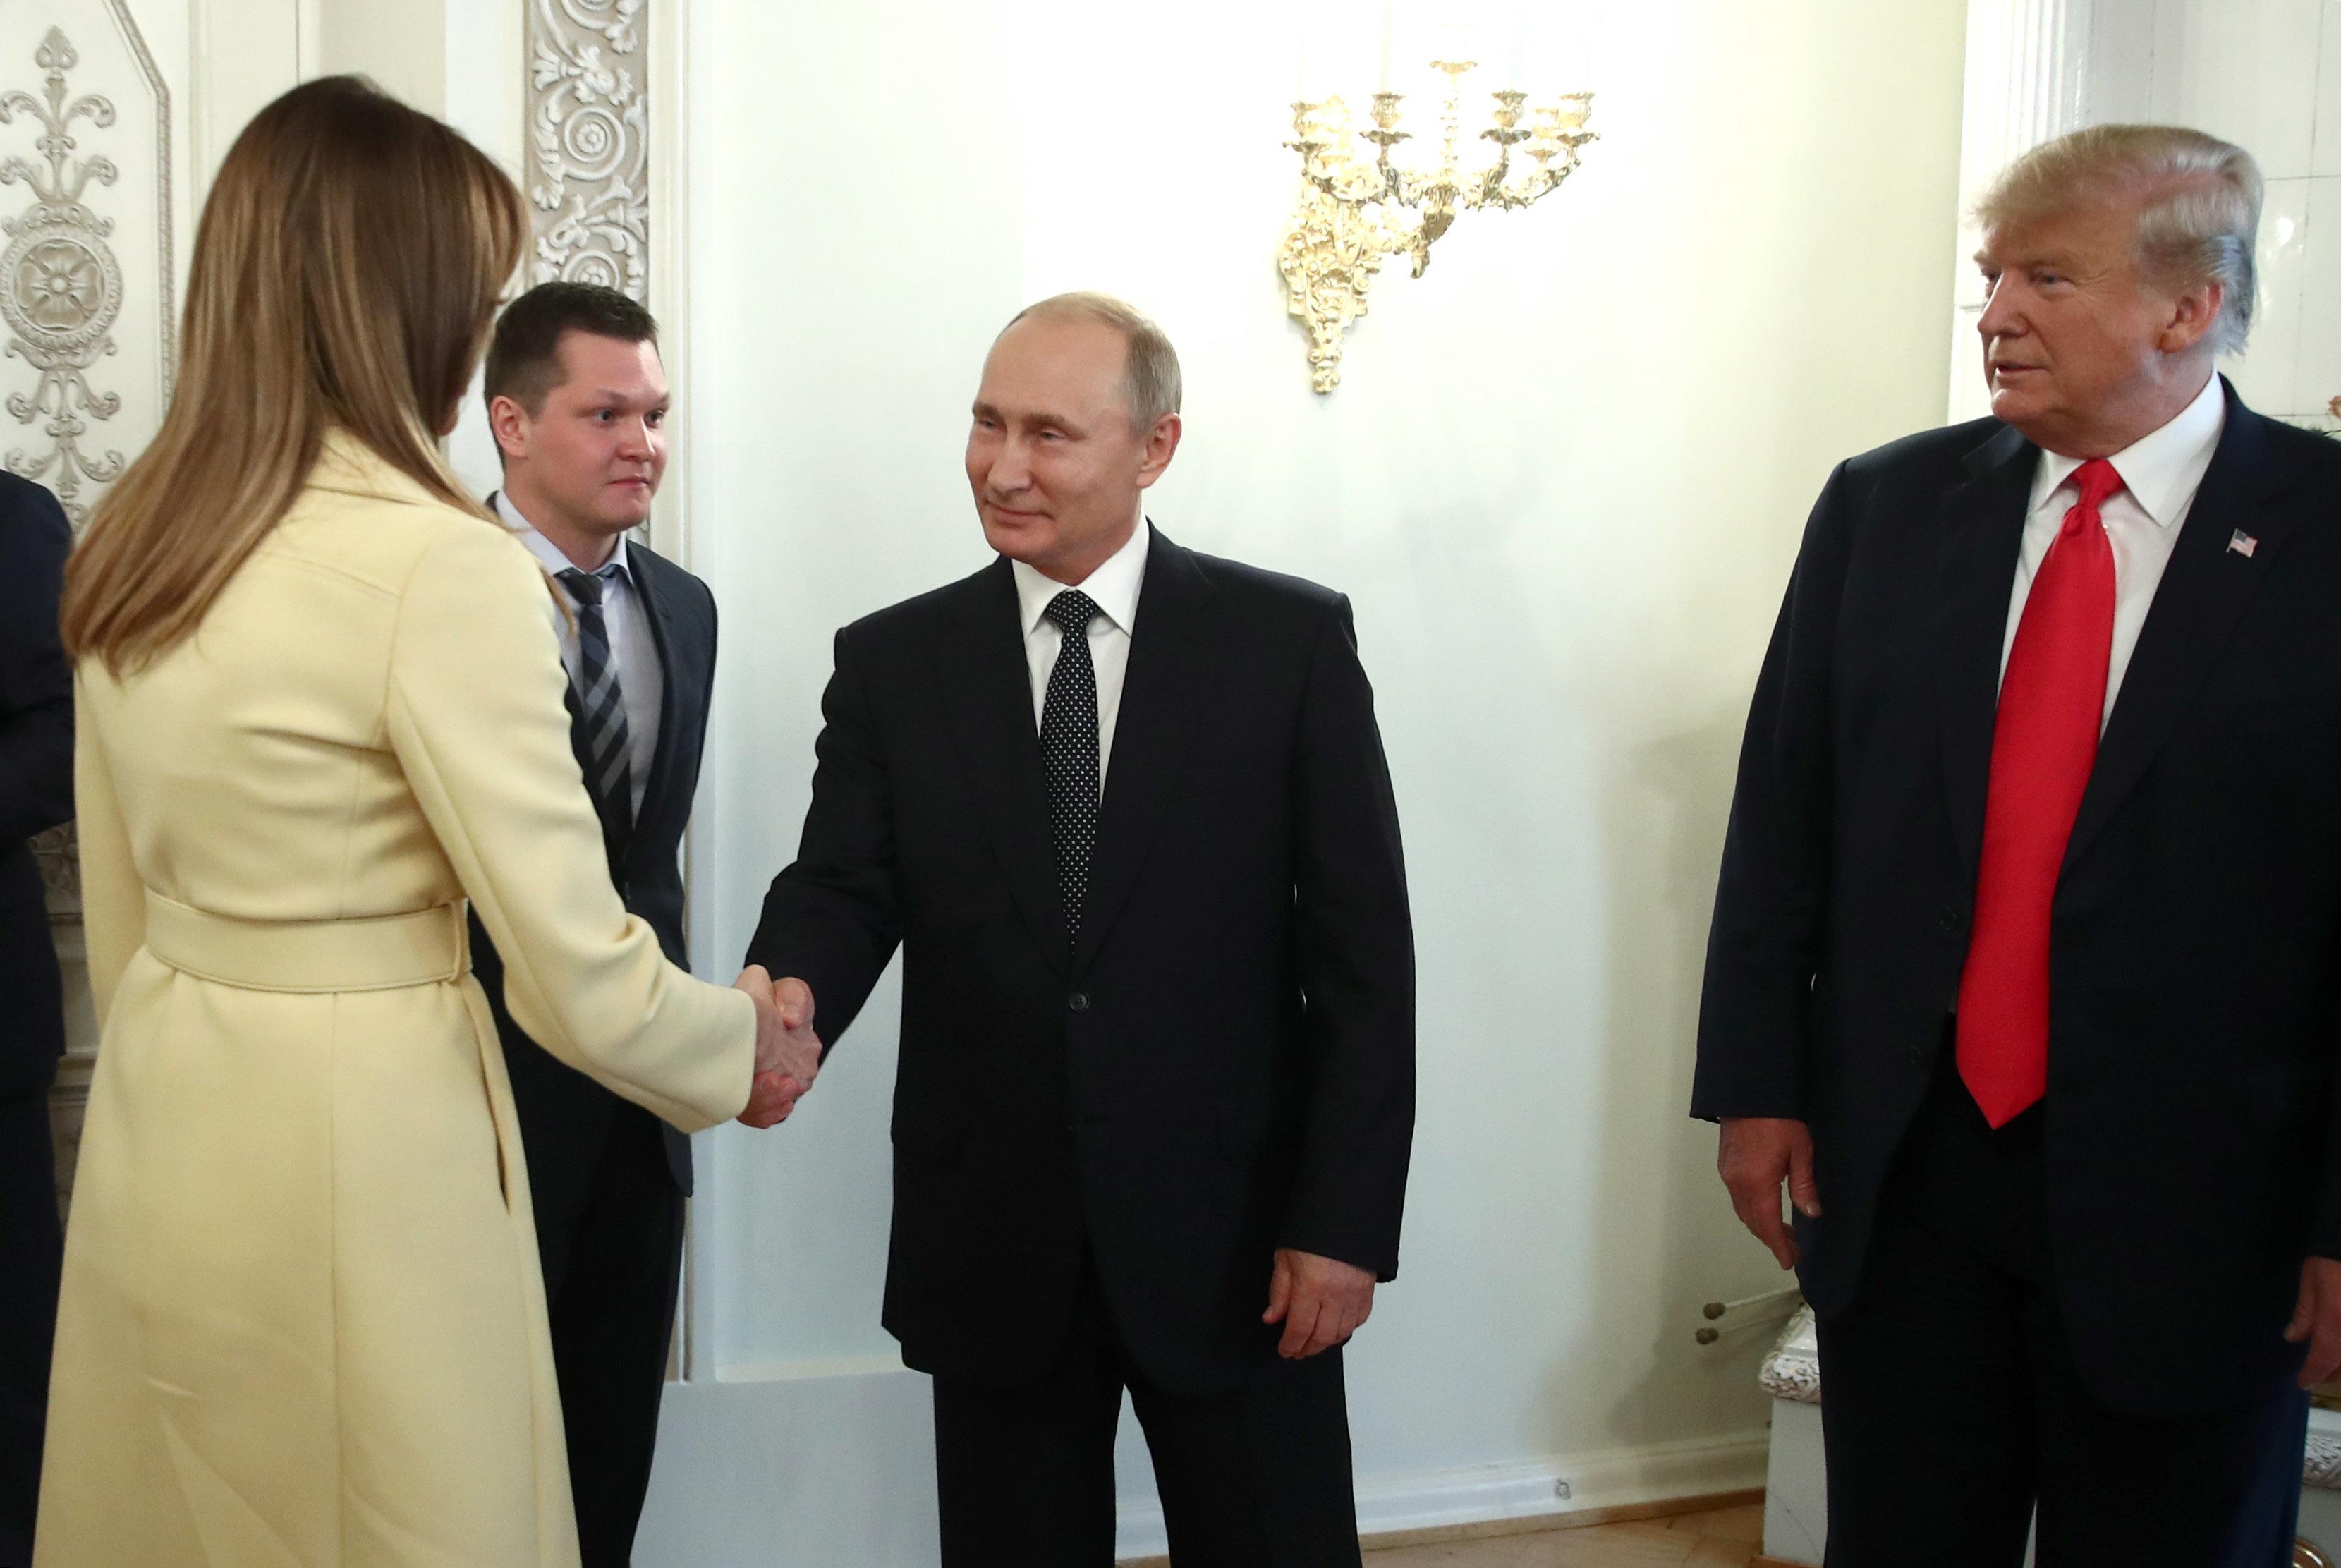 Melania Trump schüttelt Putins Hand – ihre Reaktion sorgt jetzt weltweit für Schlagzeilen